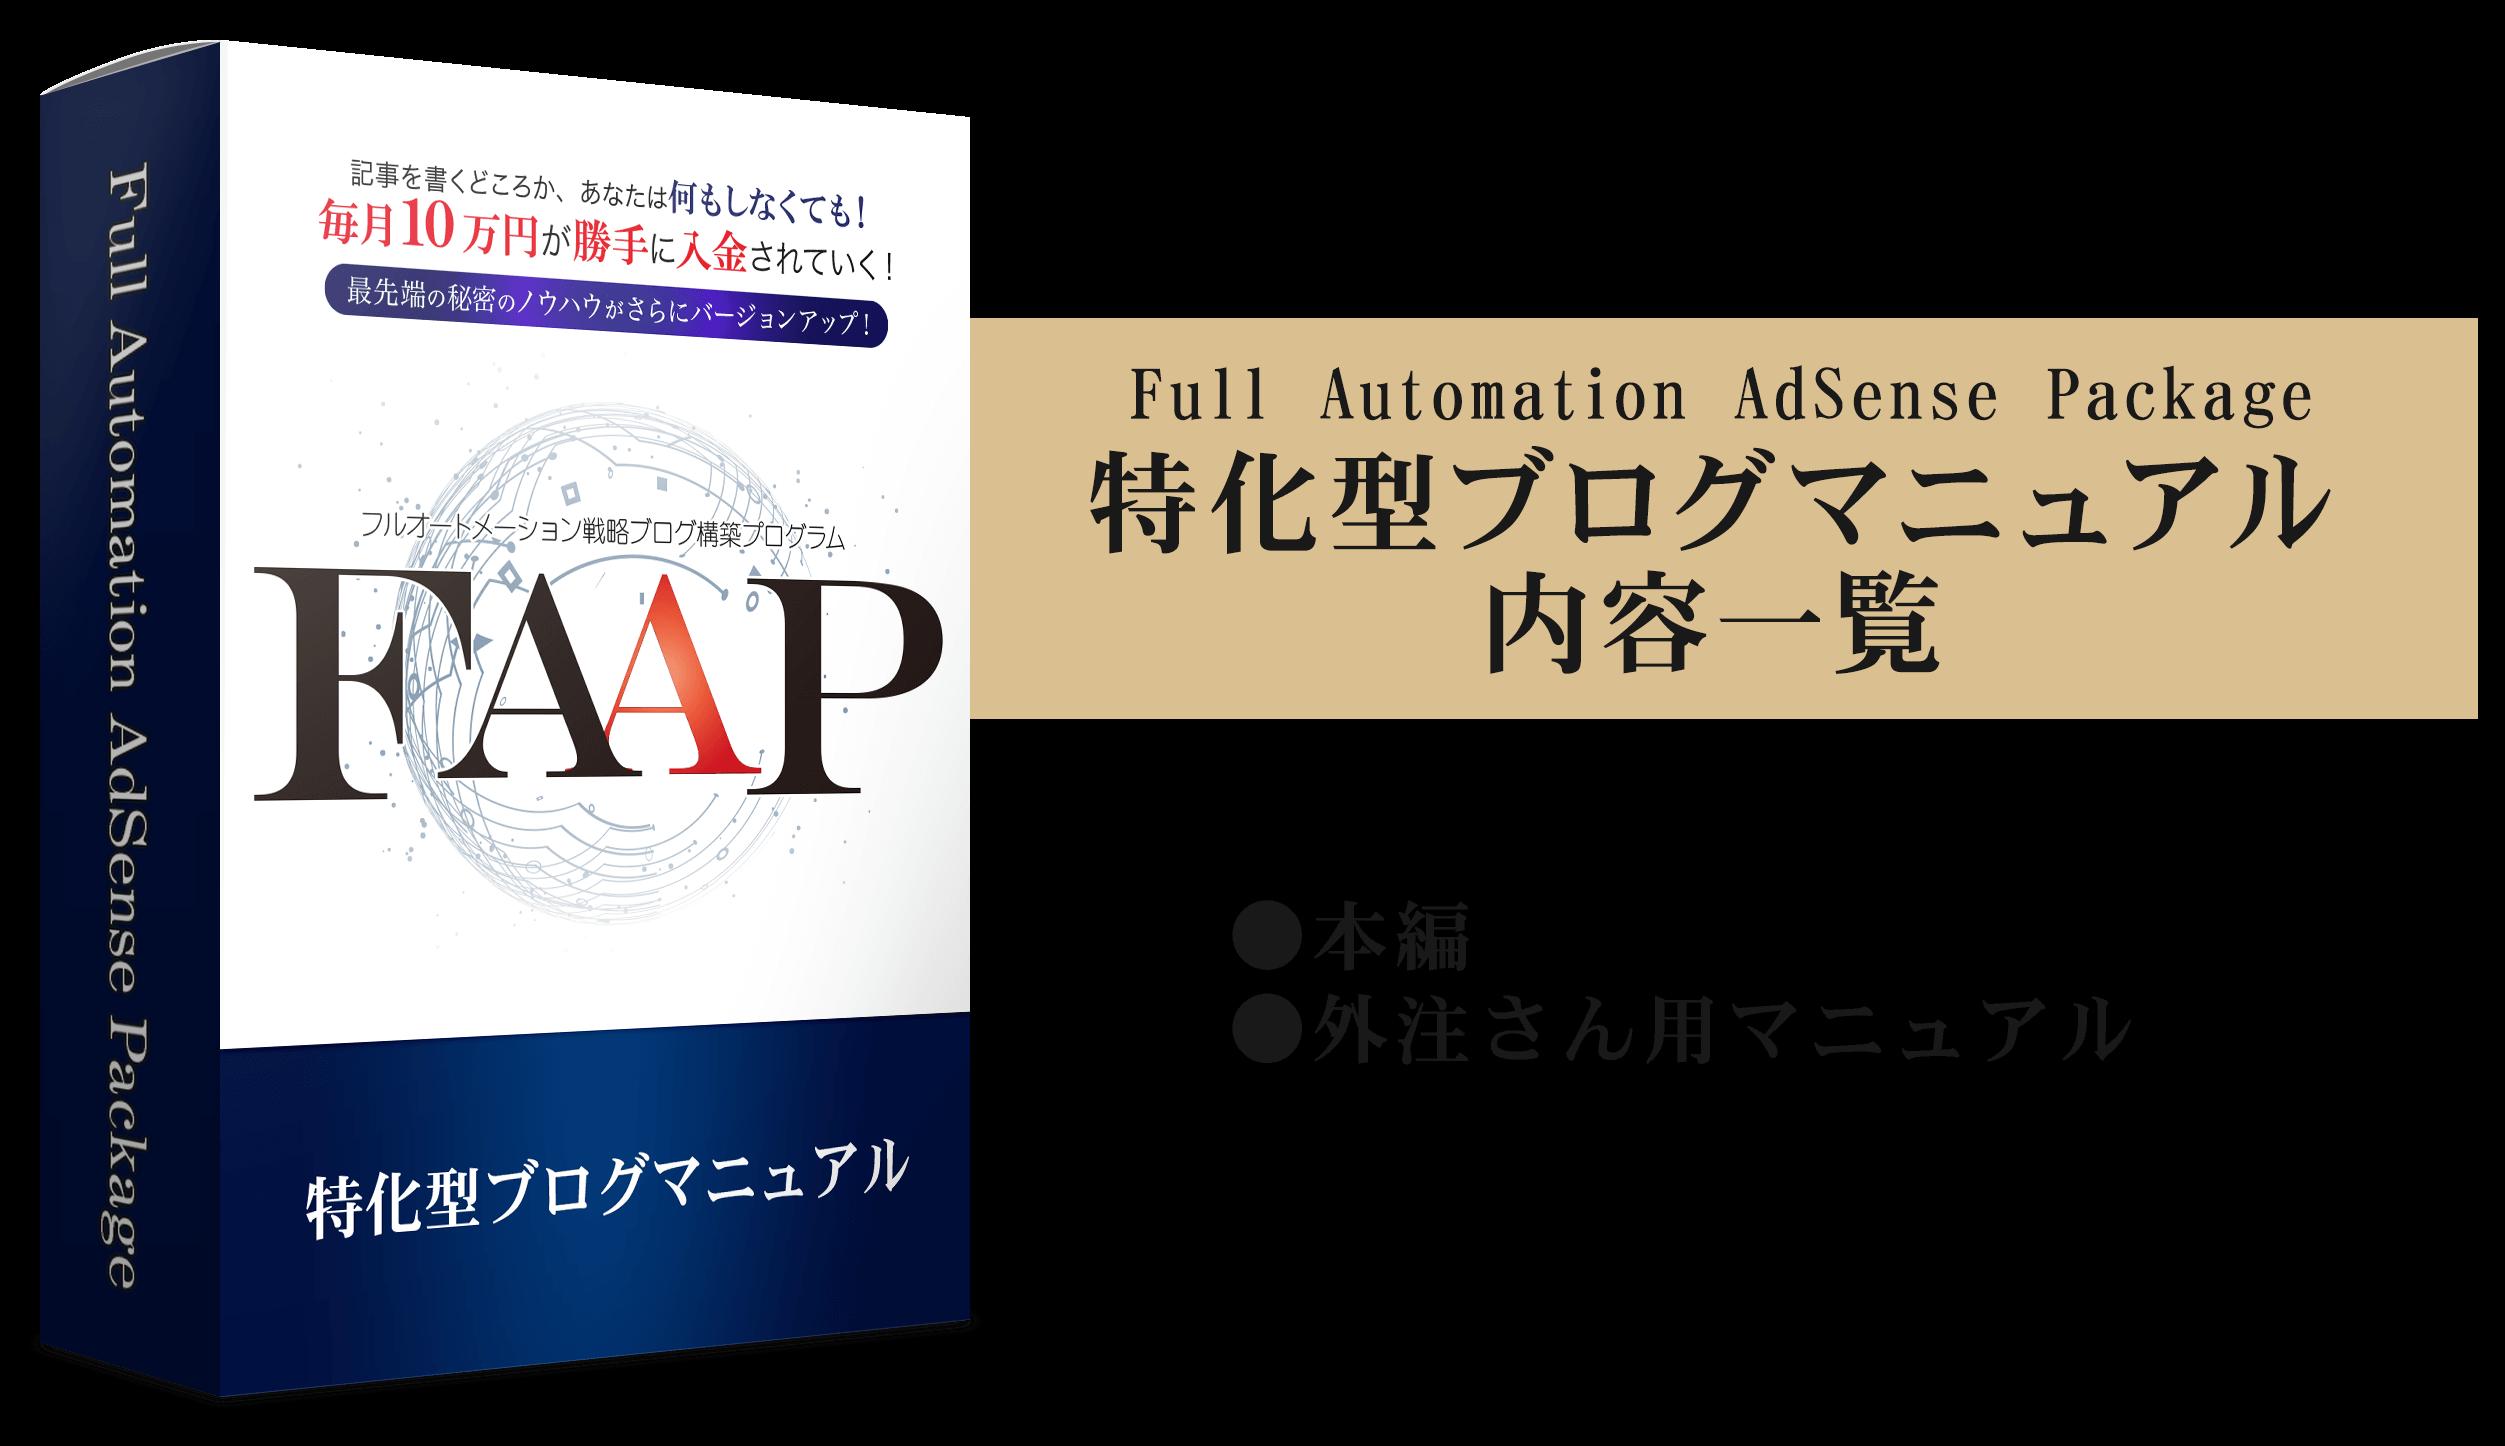 FAAP特化型ブログマニュアル